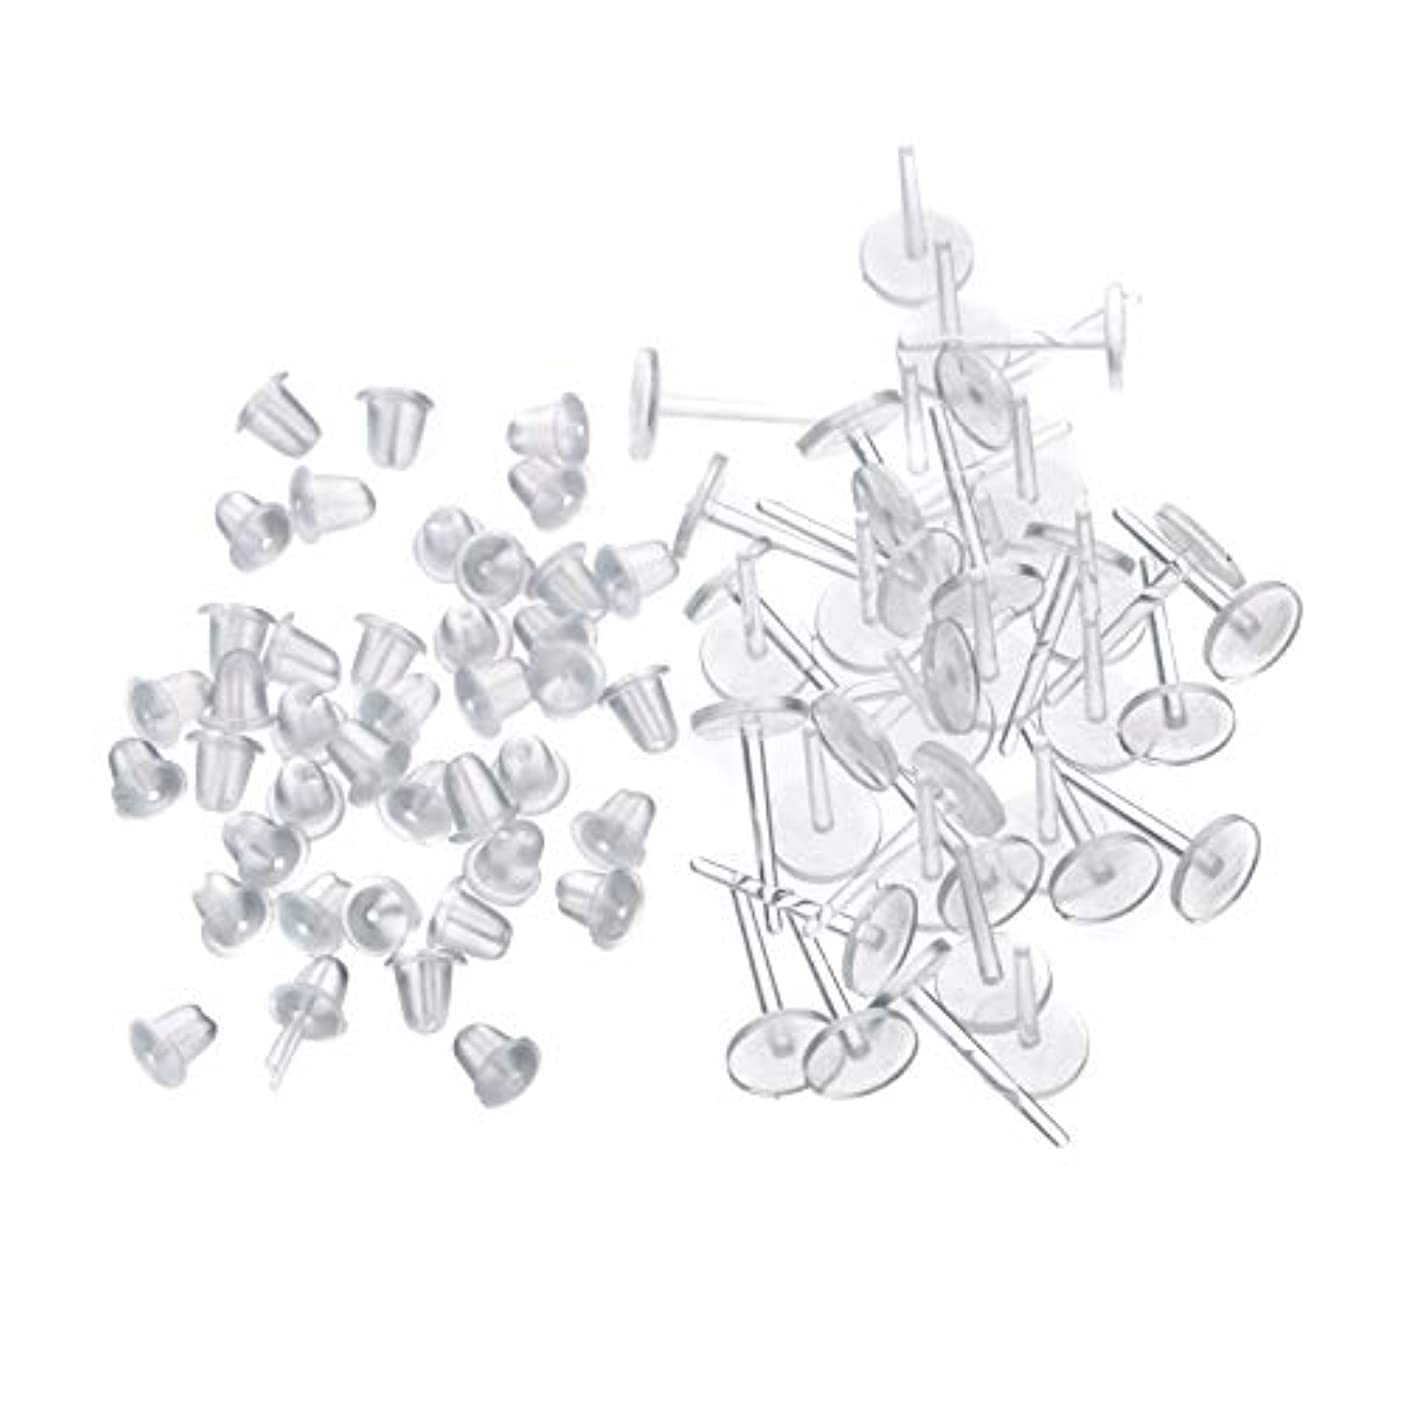 タバコ過度のノイズシークレットピアス 樹脂透明ピアス 金属アレルギーフリー ピアスホール維持に最適 (20セット)